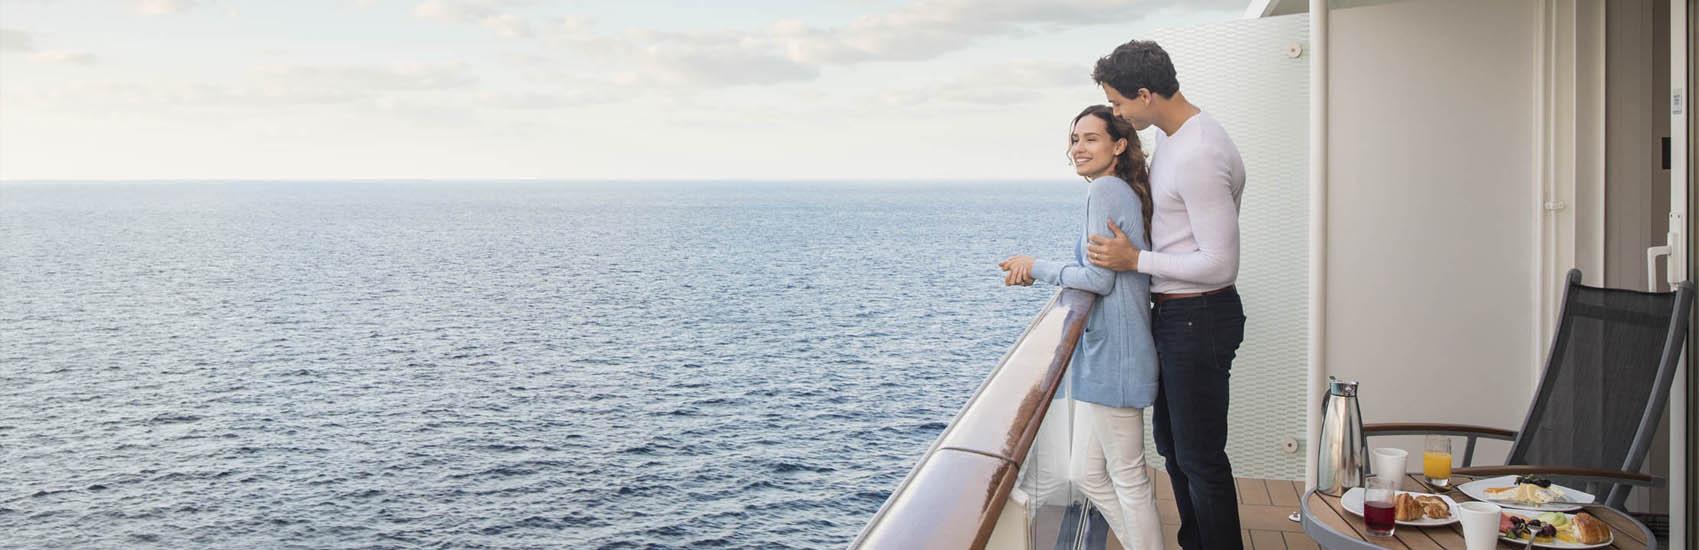 Économisez avec Celebrity Cruises 2